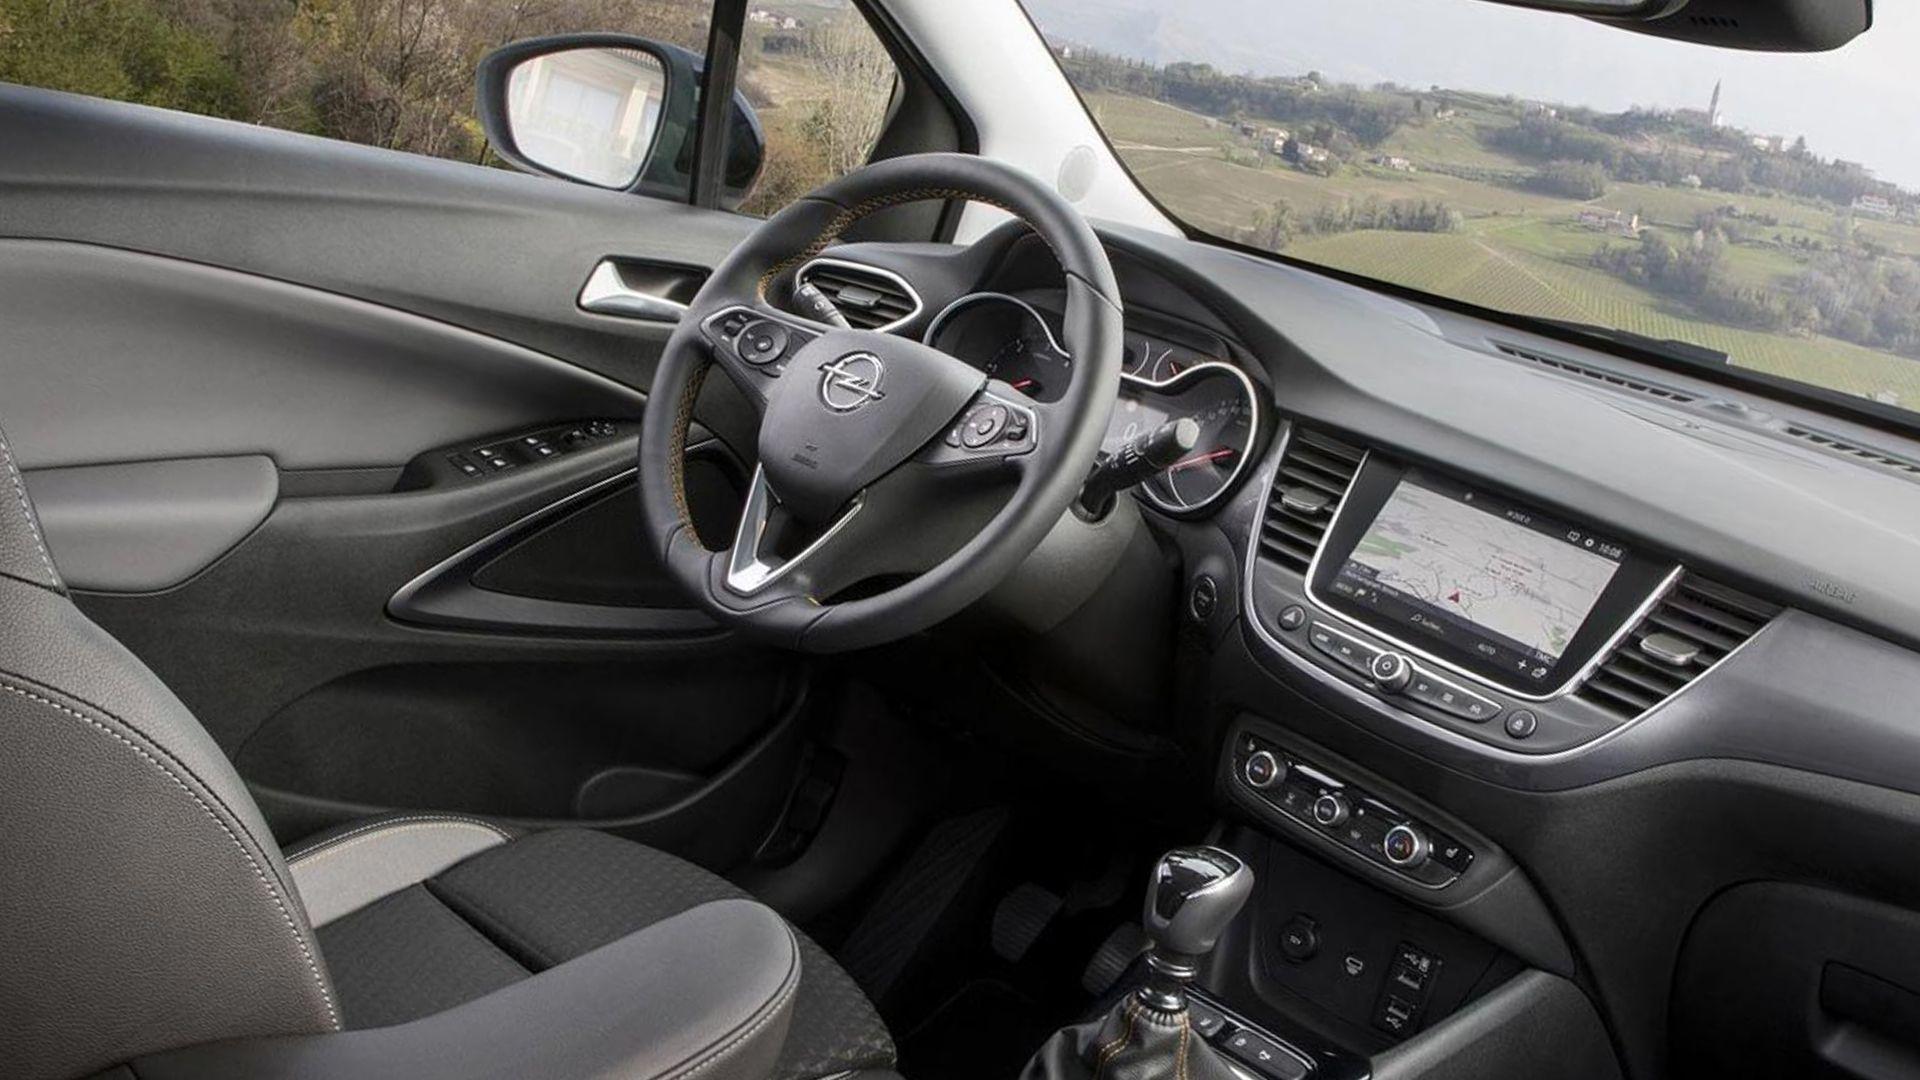 2019 Opel Crossland X Interior Design Opel German Brands Peugeot 2008